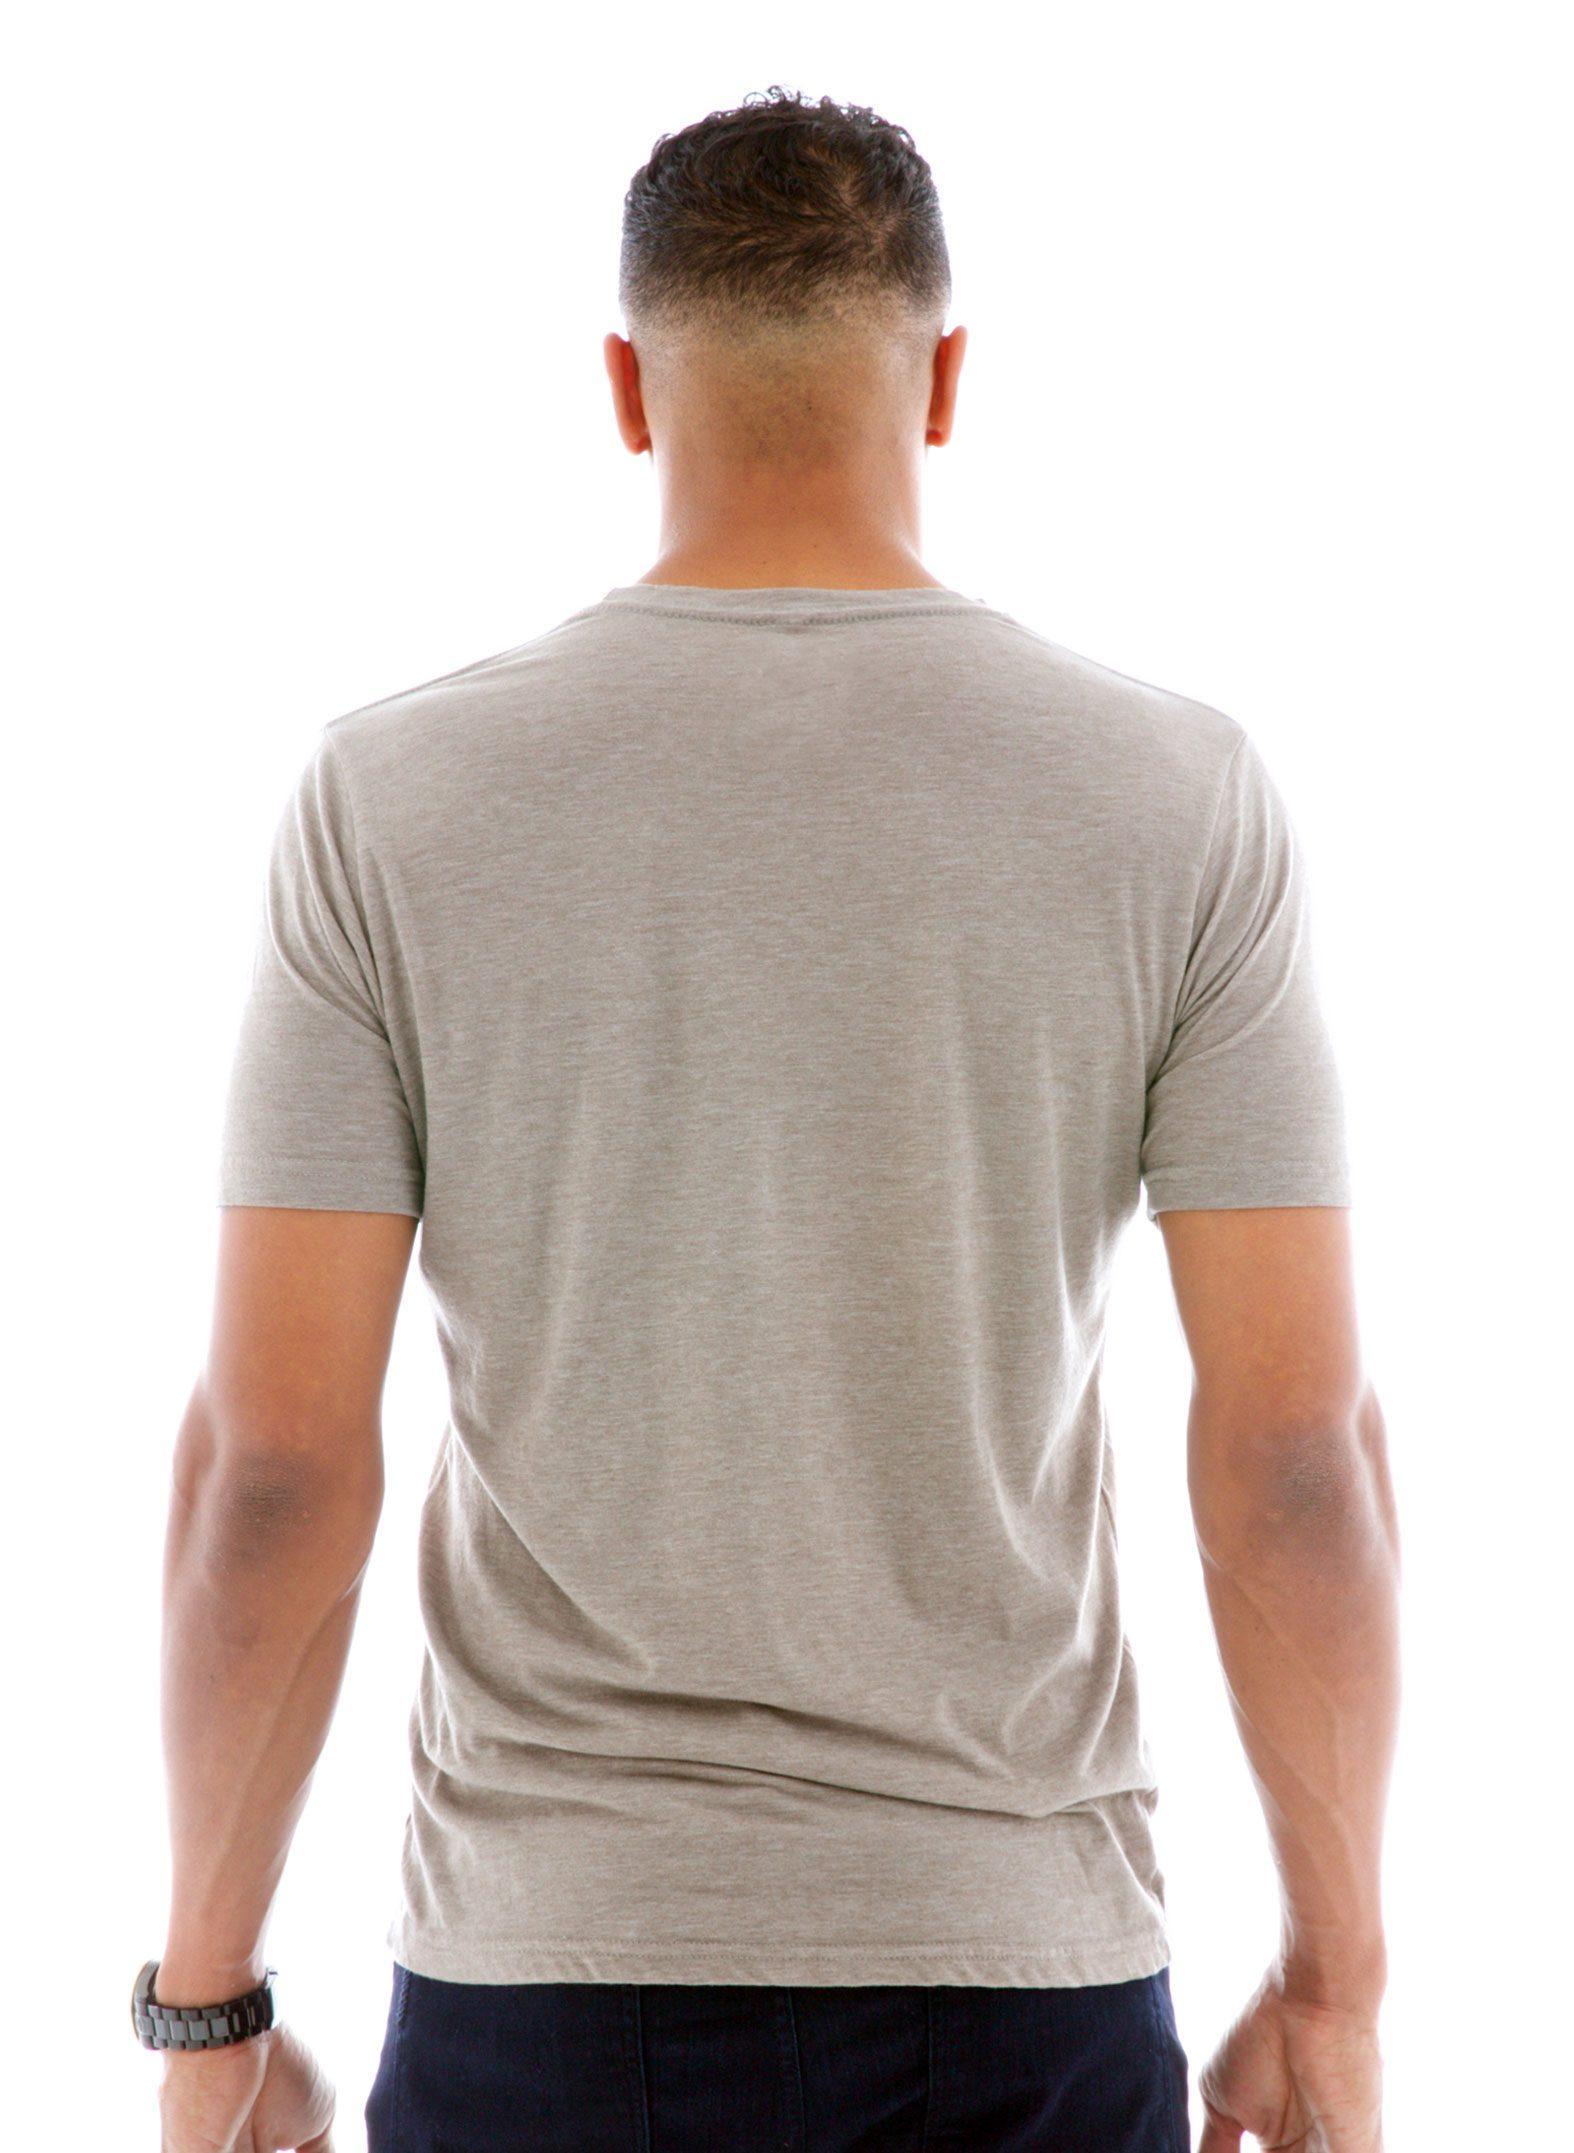 Men's Premium Heathered Crew Short Sleeve T-Shirt